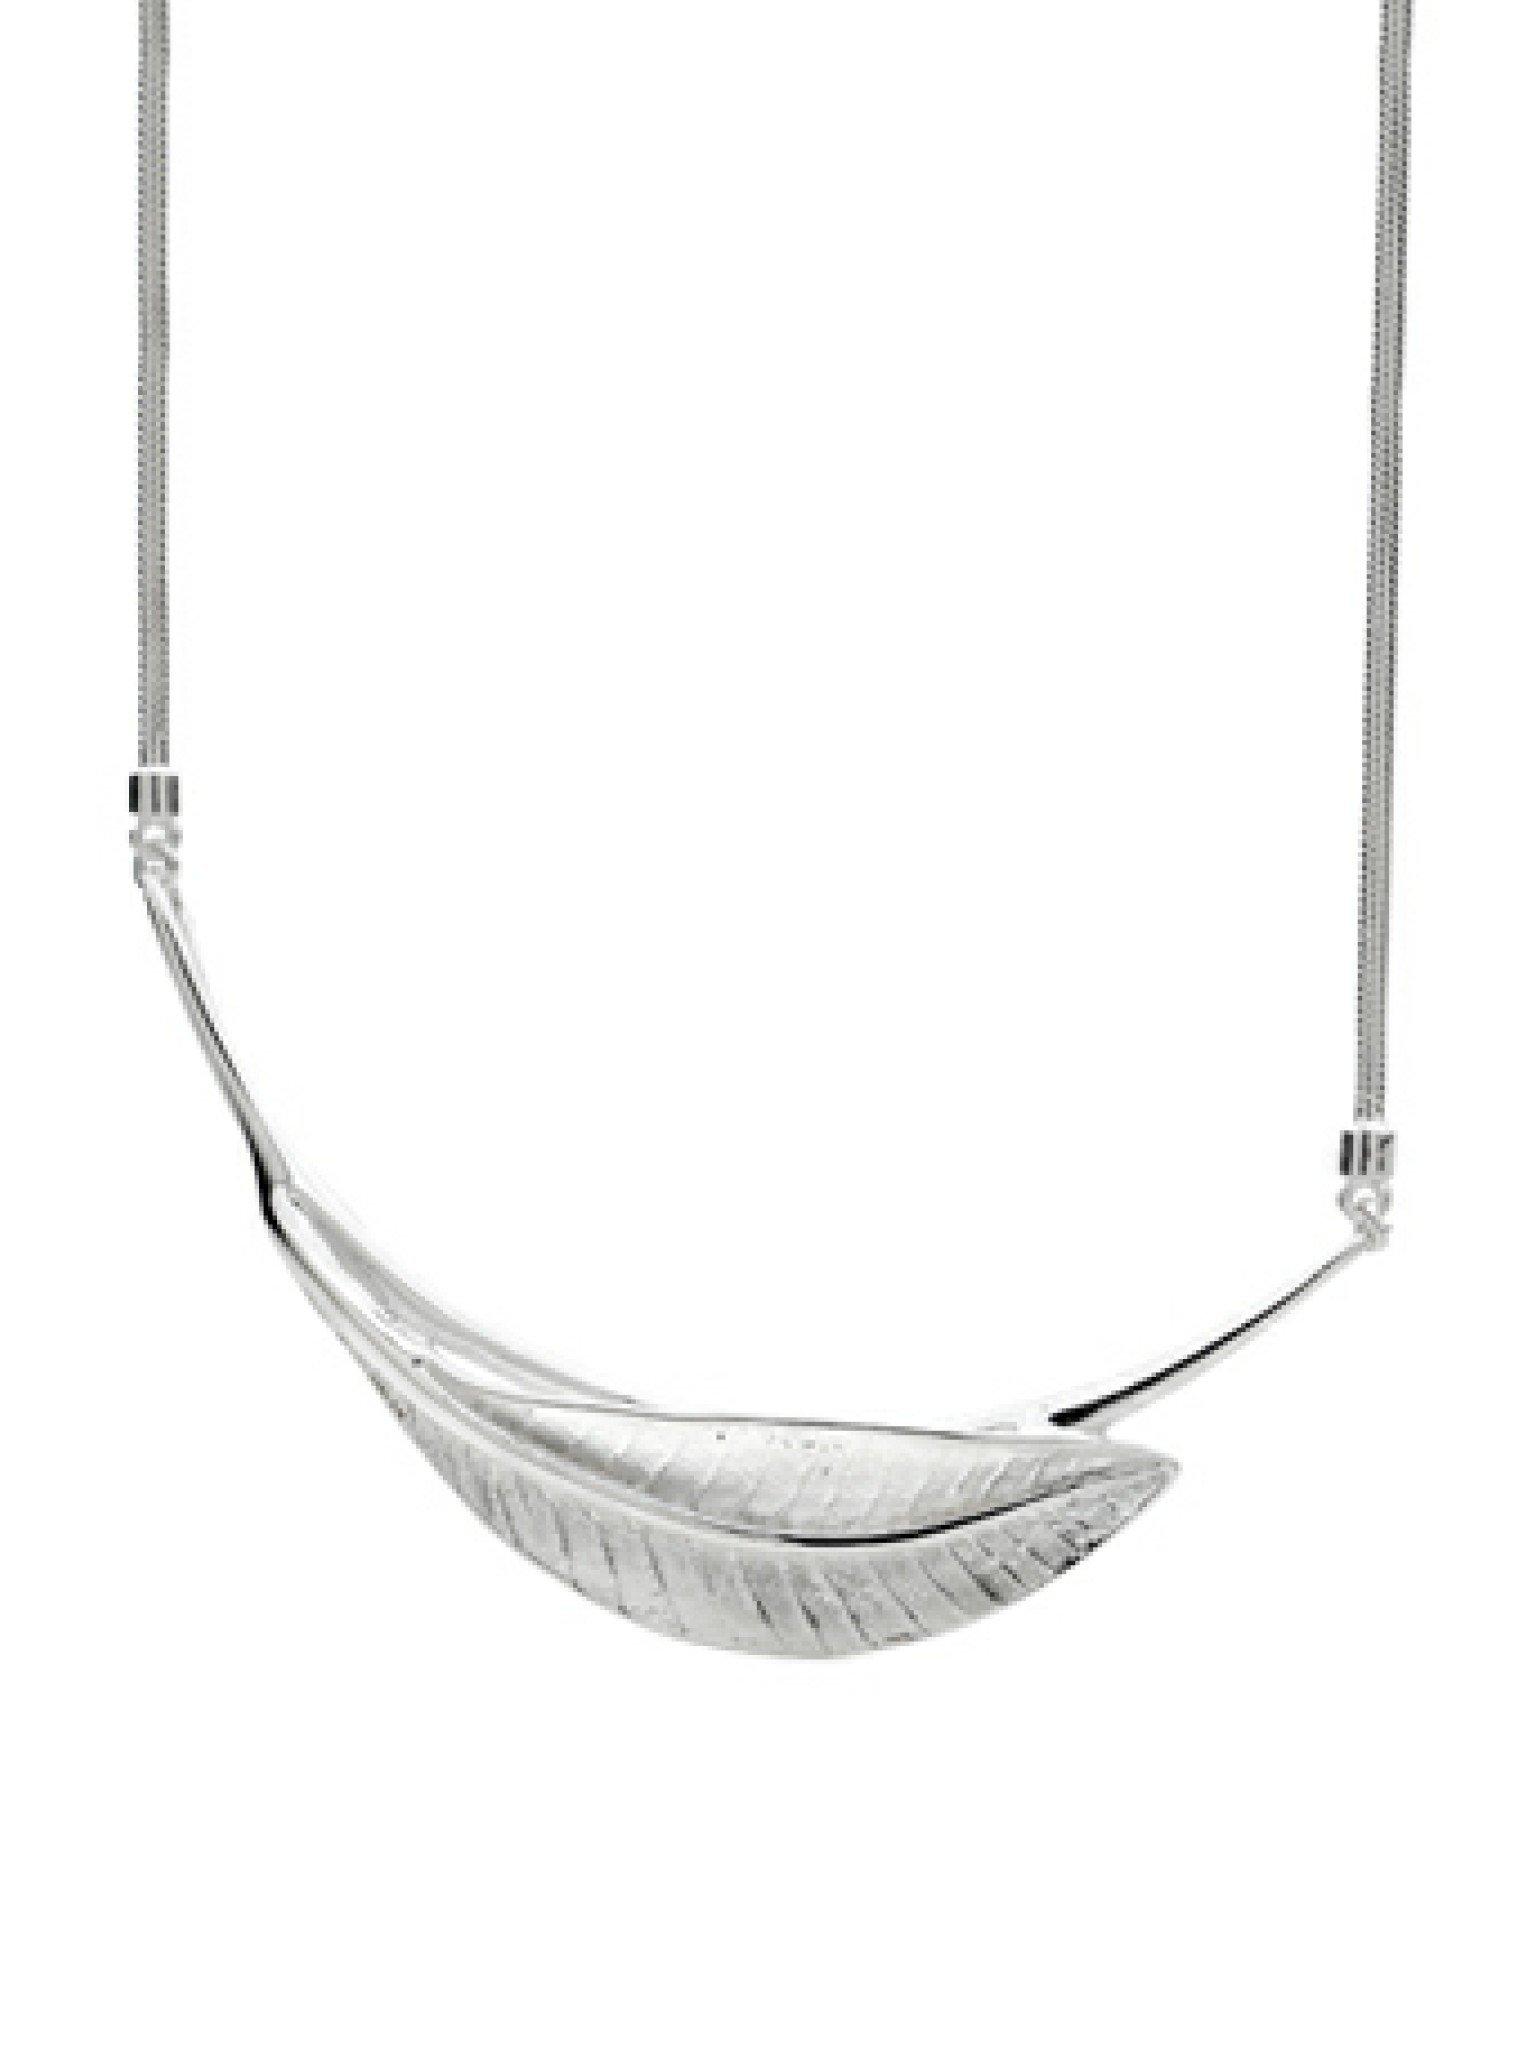 Fern Leaf Design Necklace